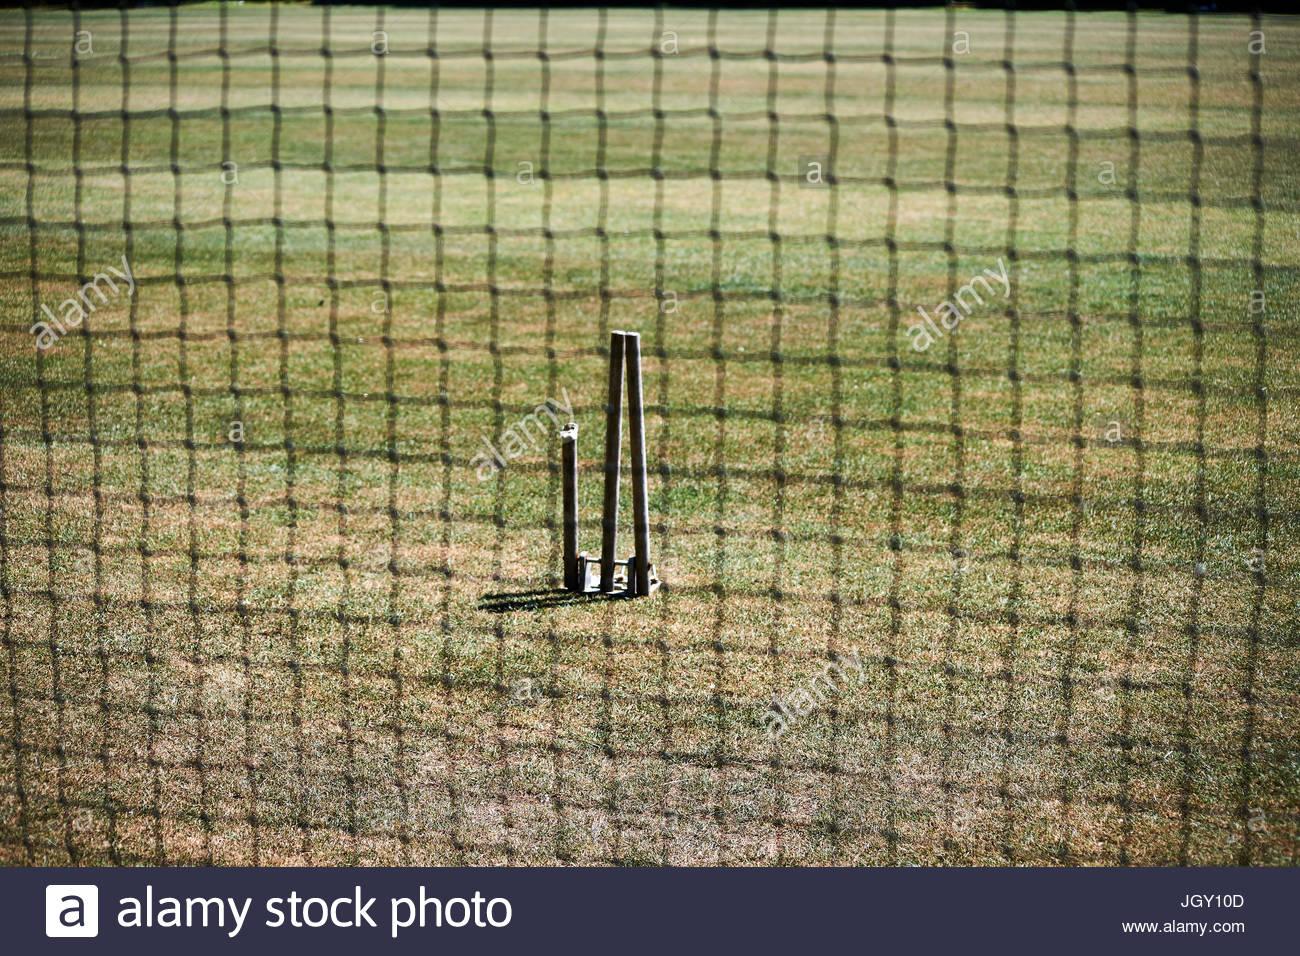 Cricket sidescreen - Stock Image